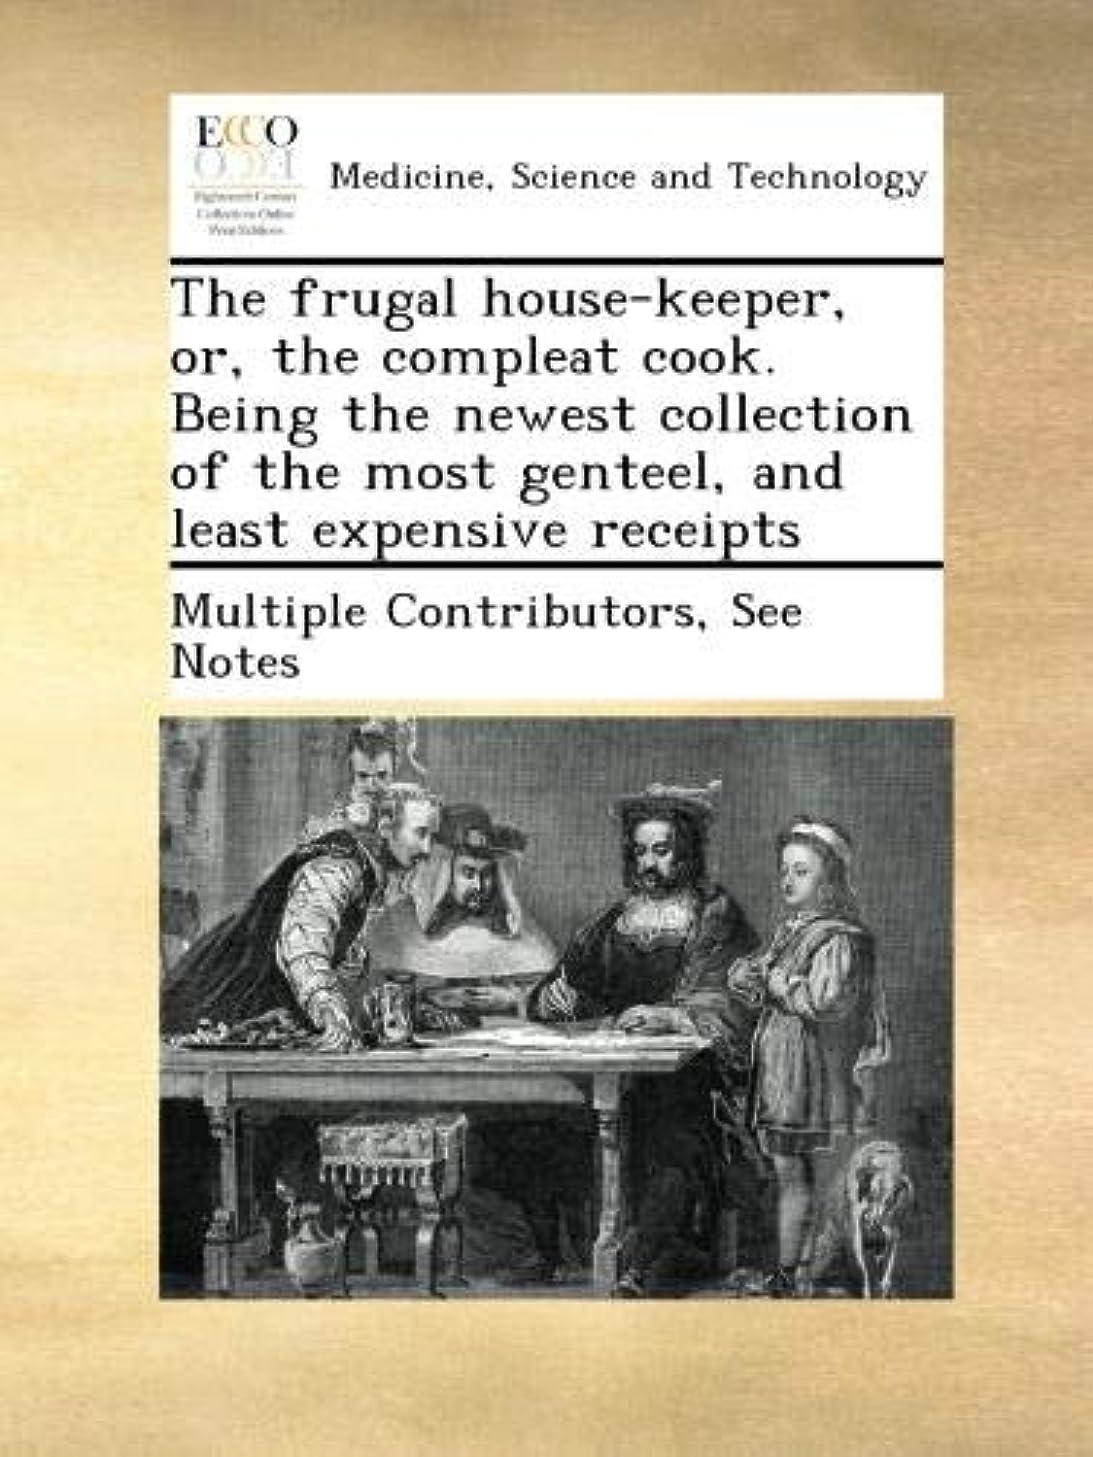 不毛意図ポルノThe frugal house-keeper, or, the compleat cook. Being the newest collection of the most genteel, and least expensive receipts